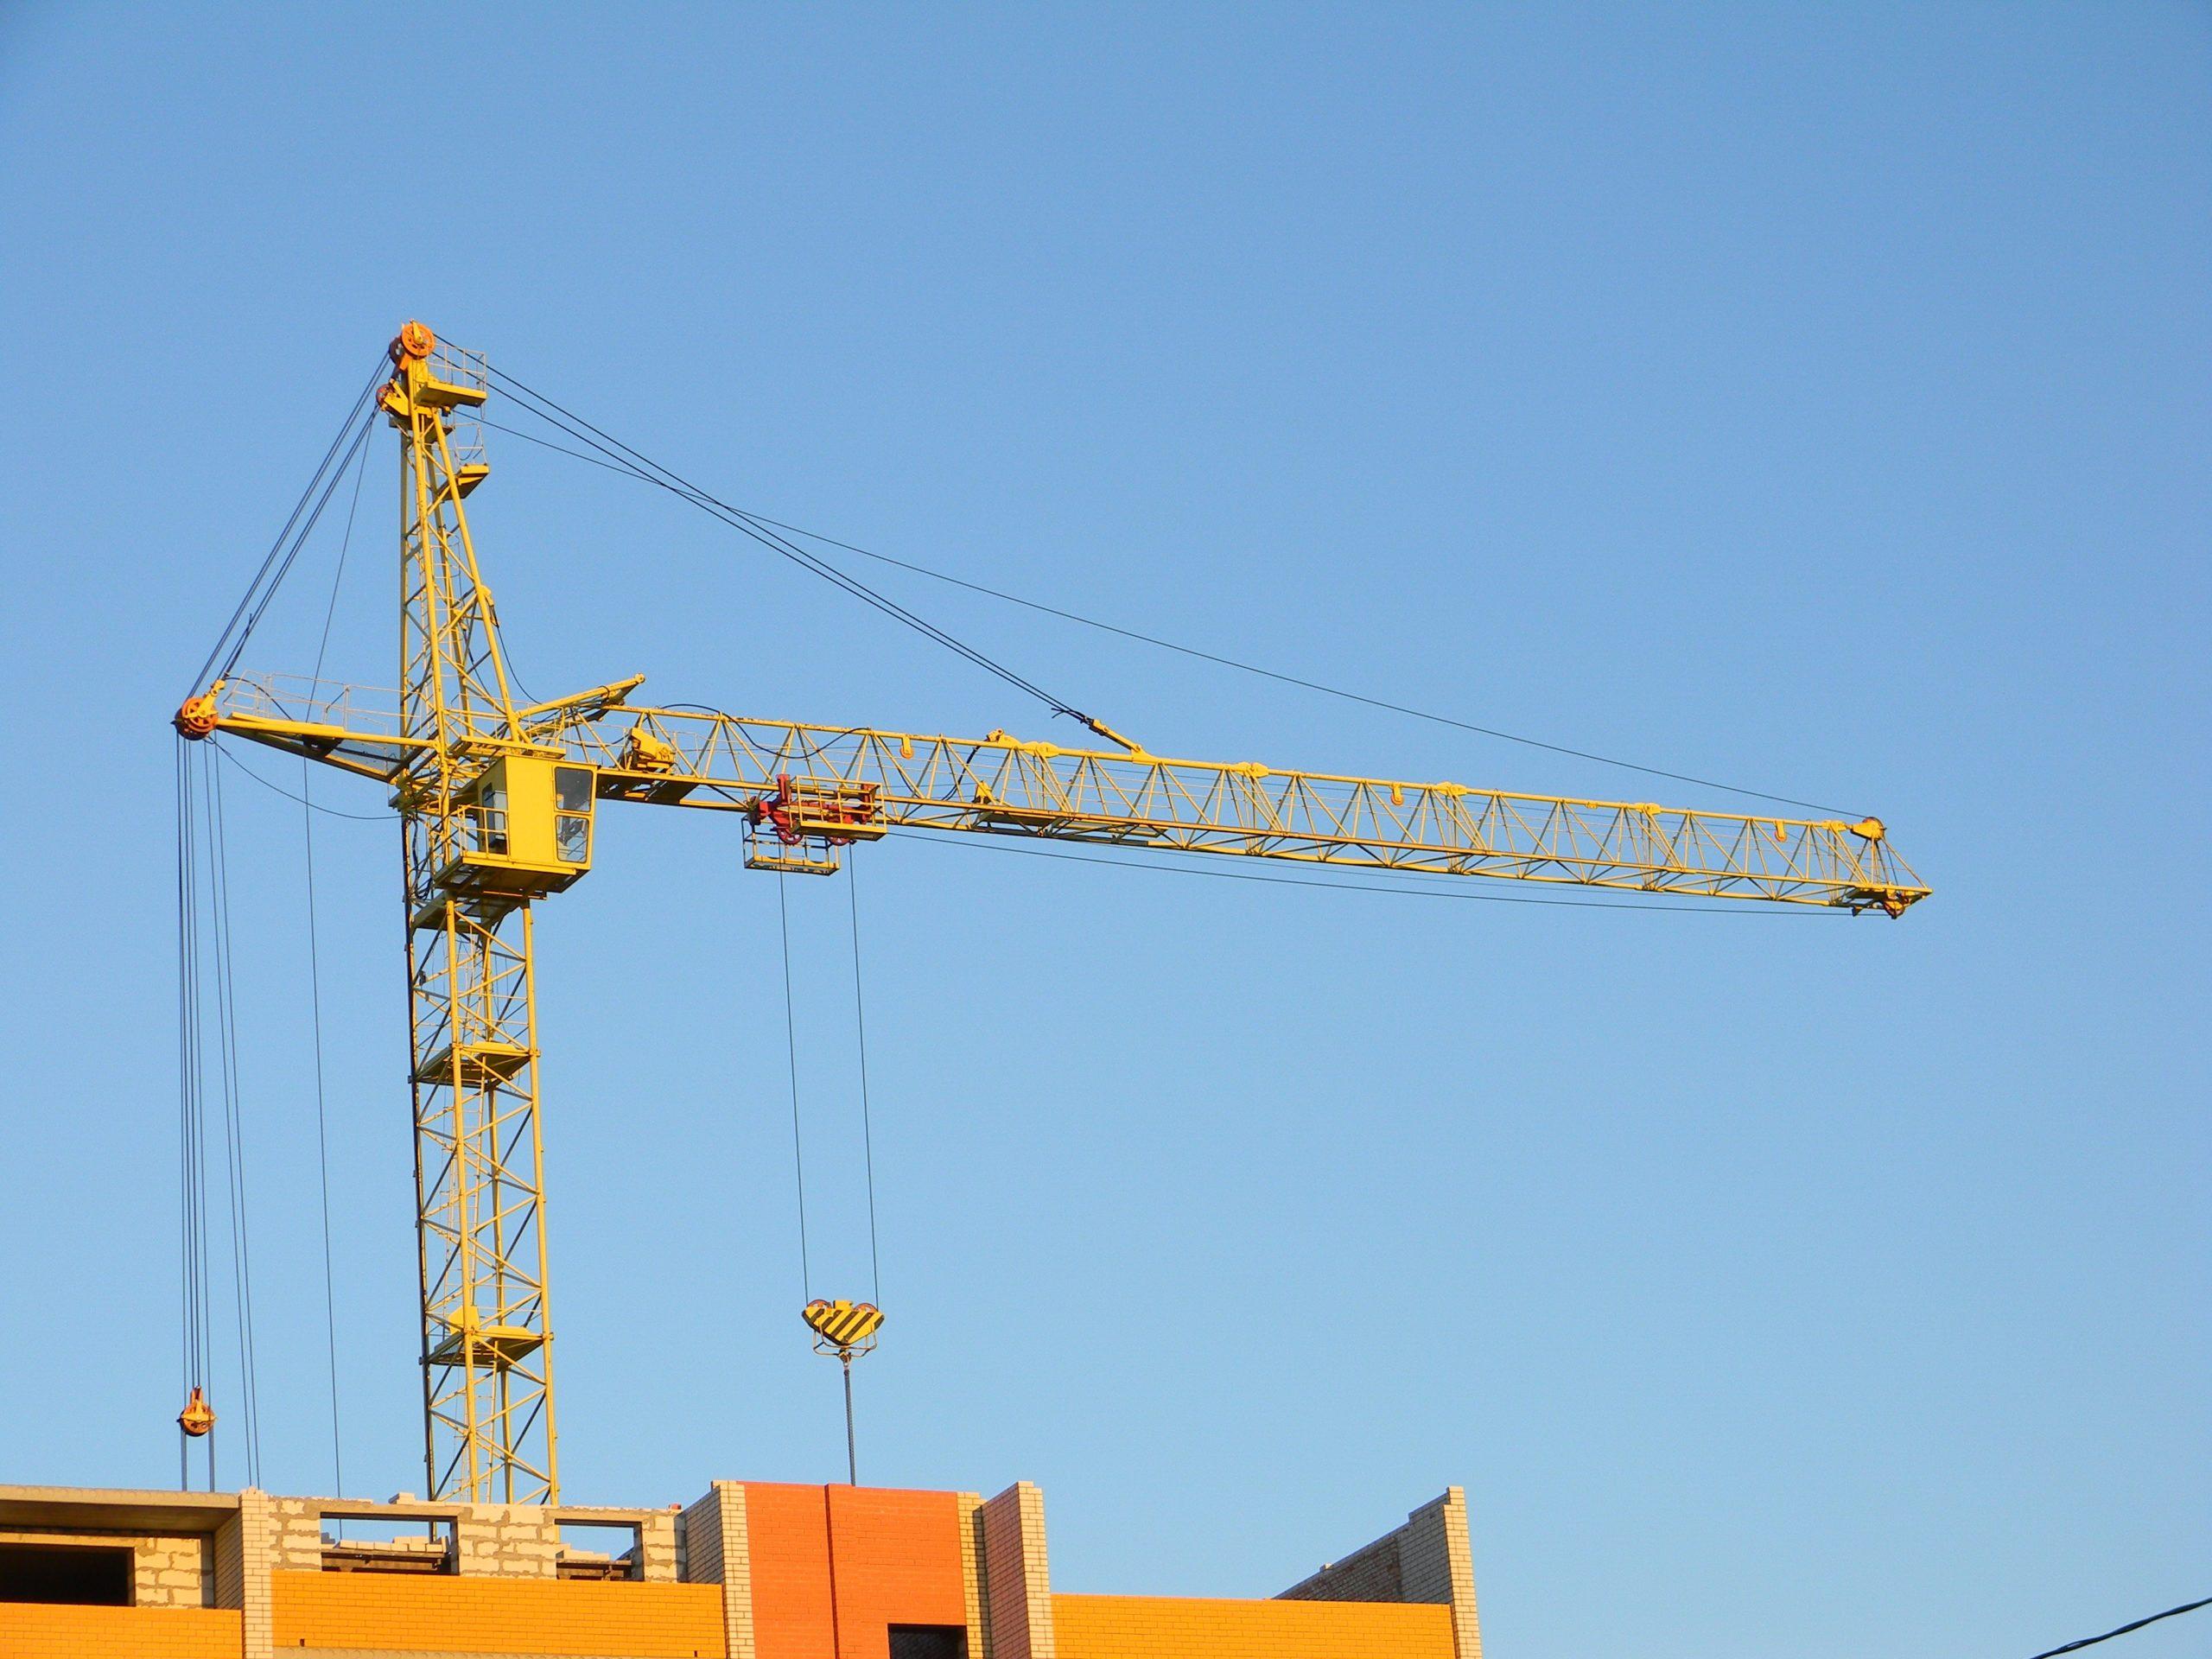 News-Beitrag: Wohnungsbau in Deutschland auf höchstem Stand seit fast 20 Jahren